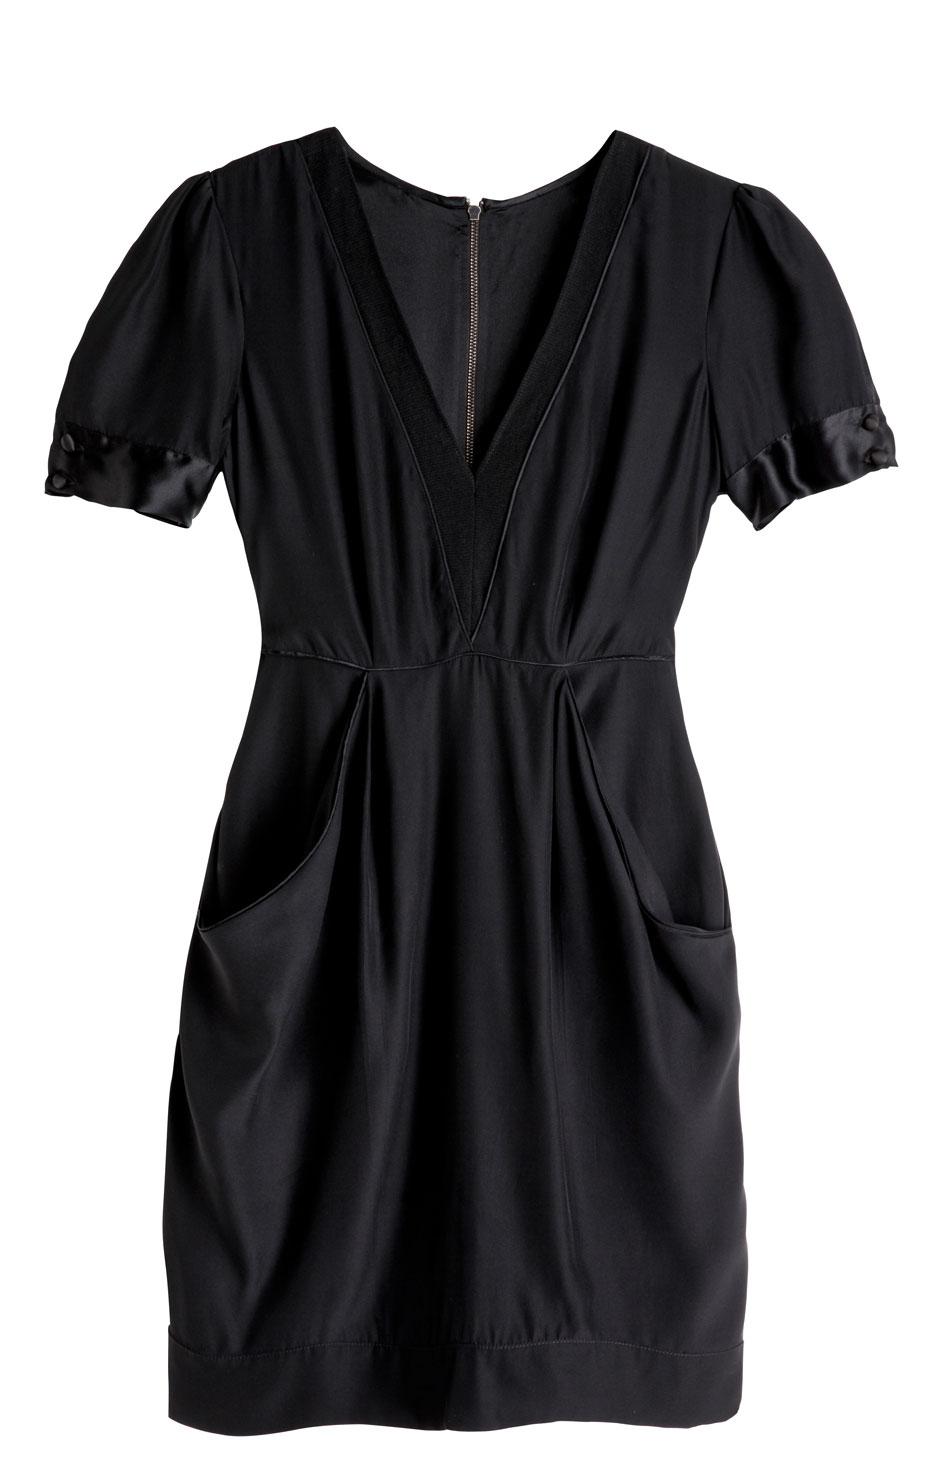 Vestido preto (R$ 189)